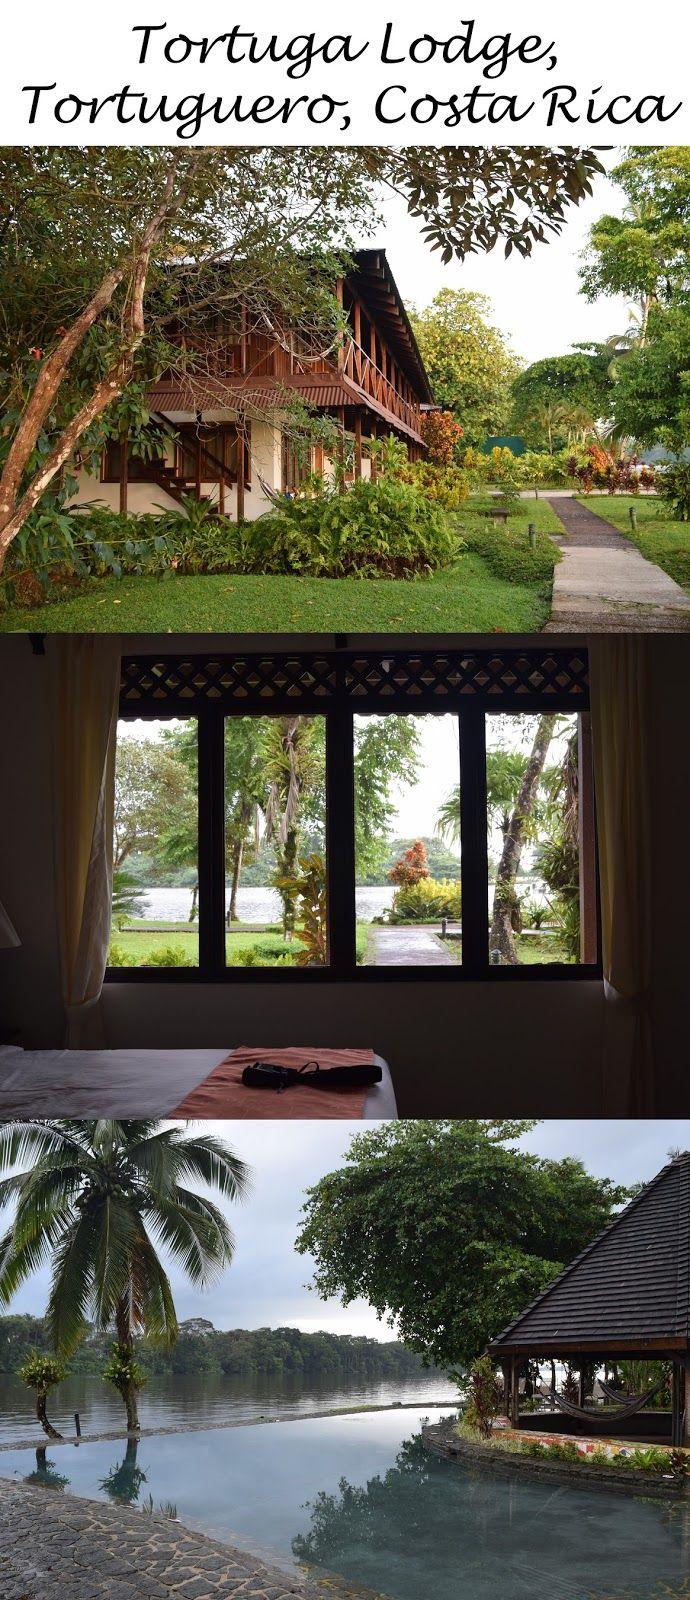 1006816337da0f9e2b83a230288dddc6 - Tortuga Lodge And Gardens Costa Rica